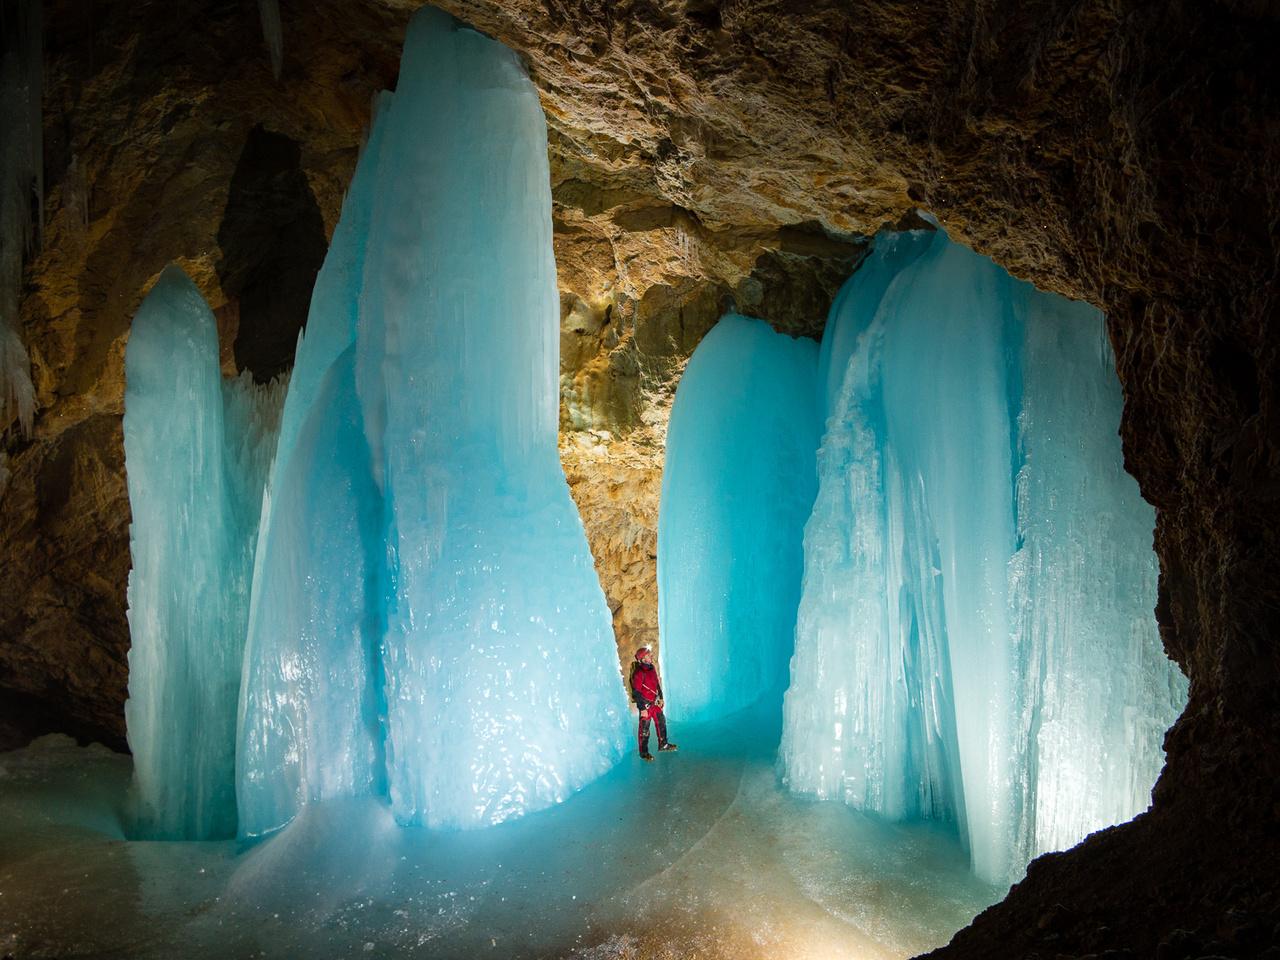 Az ausztriai Tennengebirge közel 2000 méter magasságban húzódó platója több jeges barlangot is rejt magában. Ezekben a barlangokban a változatos jégképződmények elsősorban a tavaszi hóolvadás során befolyó vizekből formálódnak, de sajnos évről évre itt is megfigyelhető a jégképződmények folyamatos csökkenése.